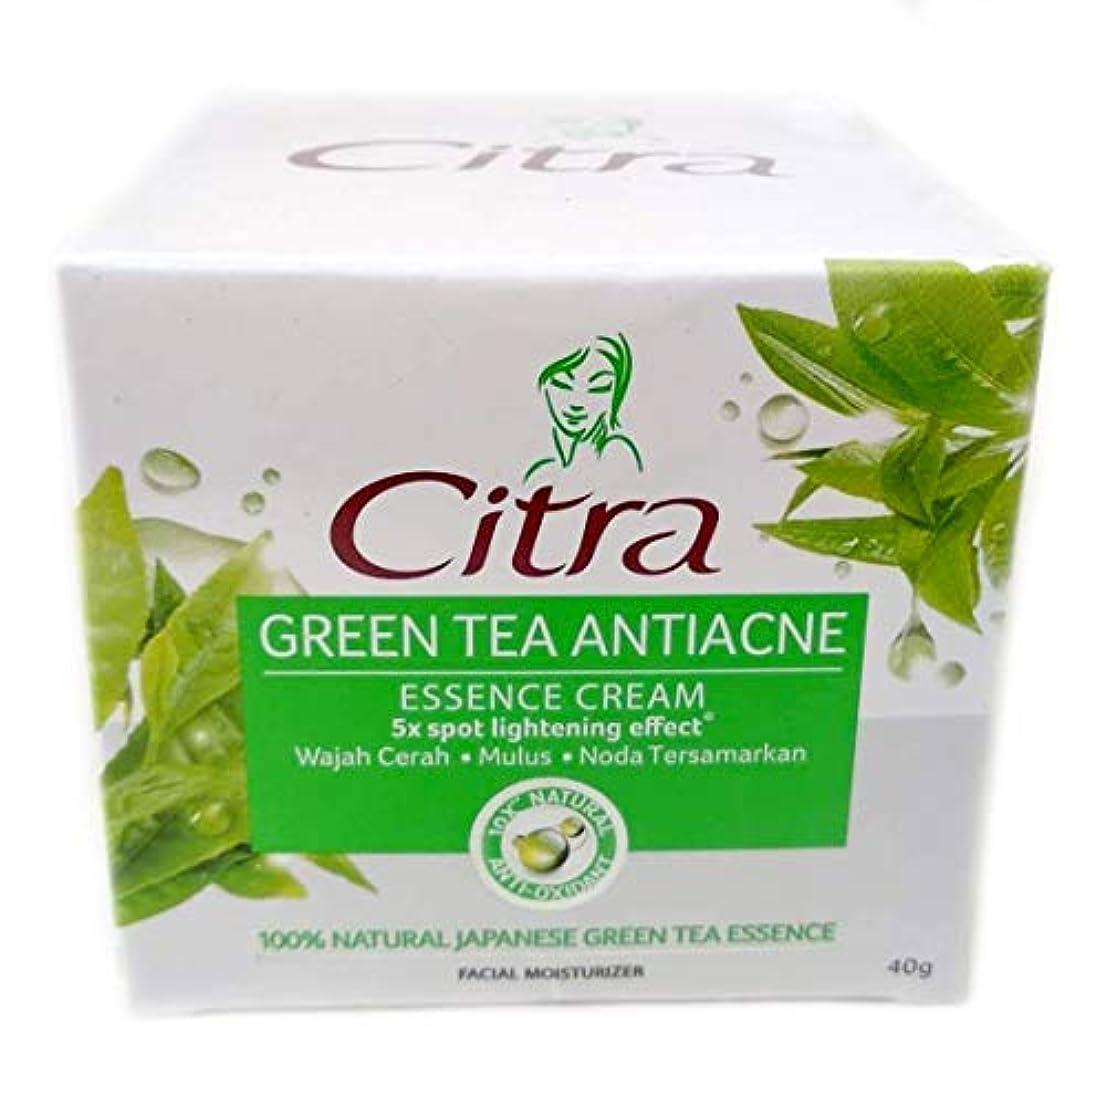 感謝している忌まわしい遅れCitra チトラ Facial Moisturizer フェイシャルモイスチャライザー エッセンシャルフェイスクリーム Green Tea Antiacne 40g [海外直送品]